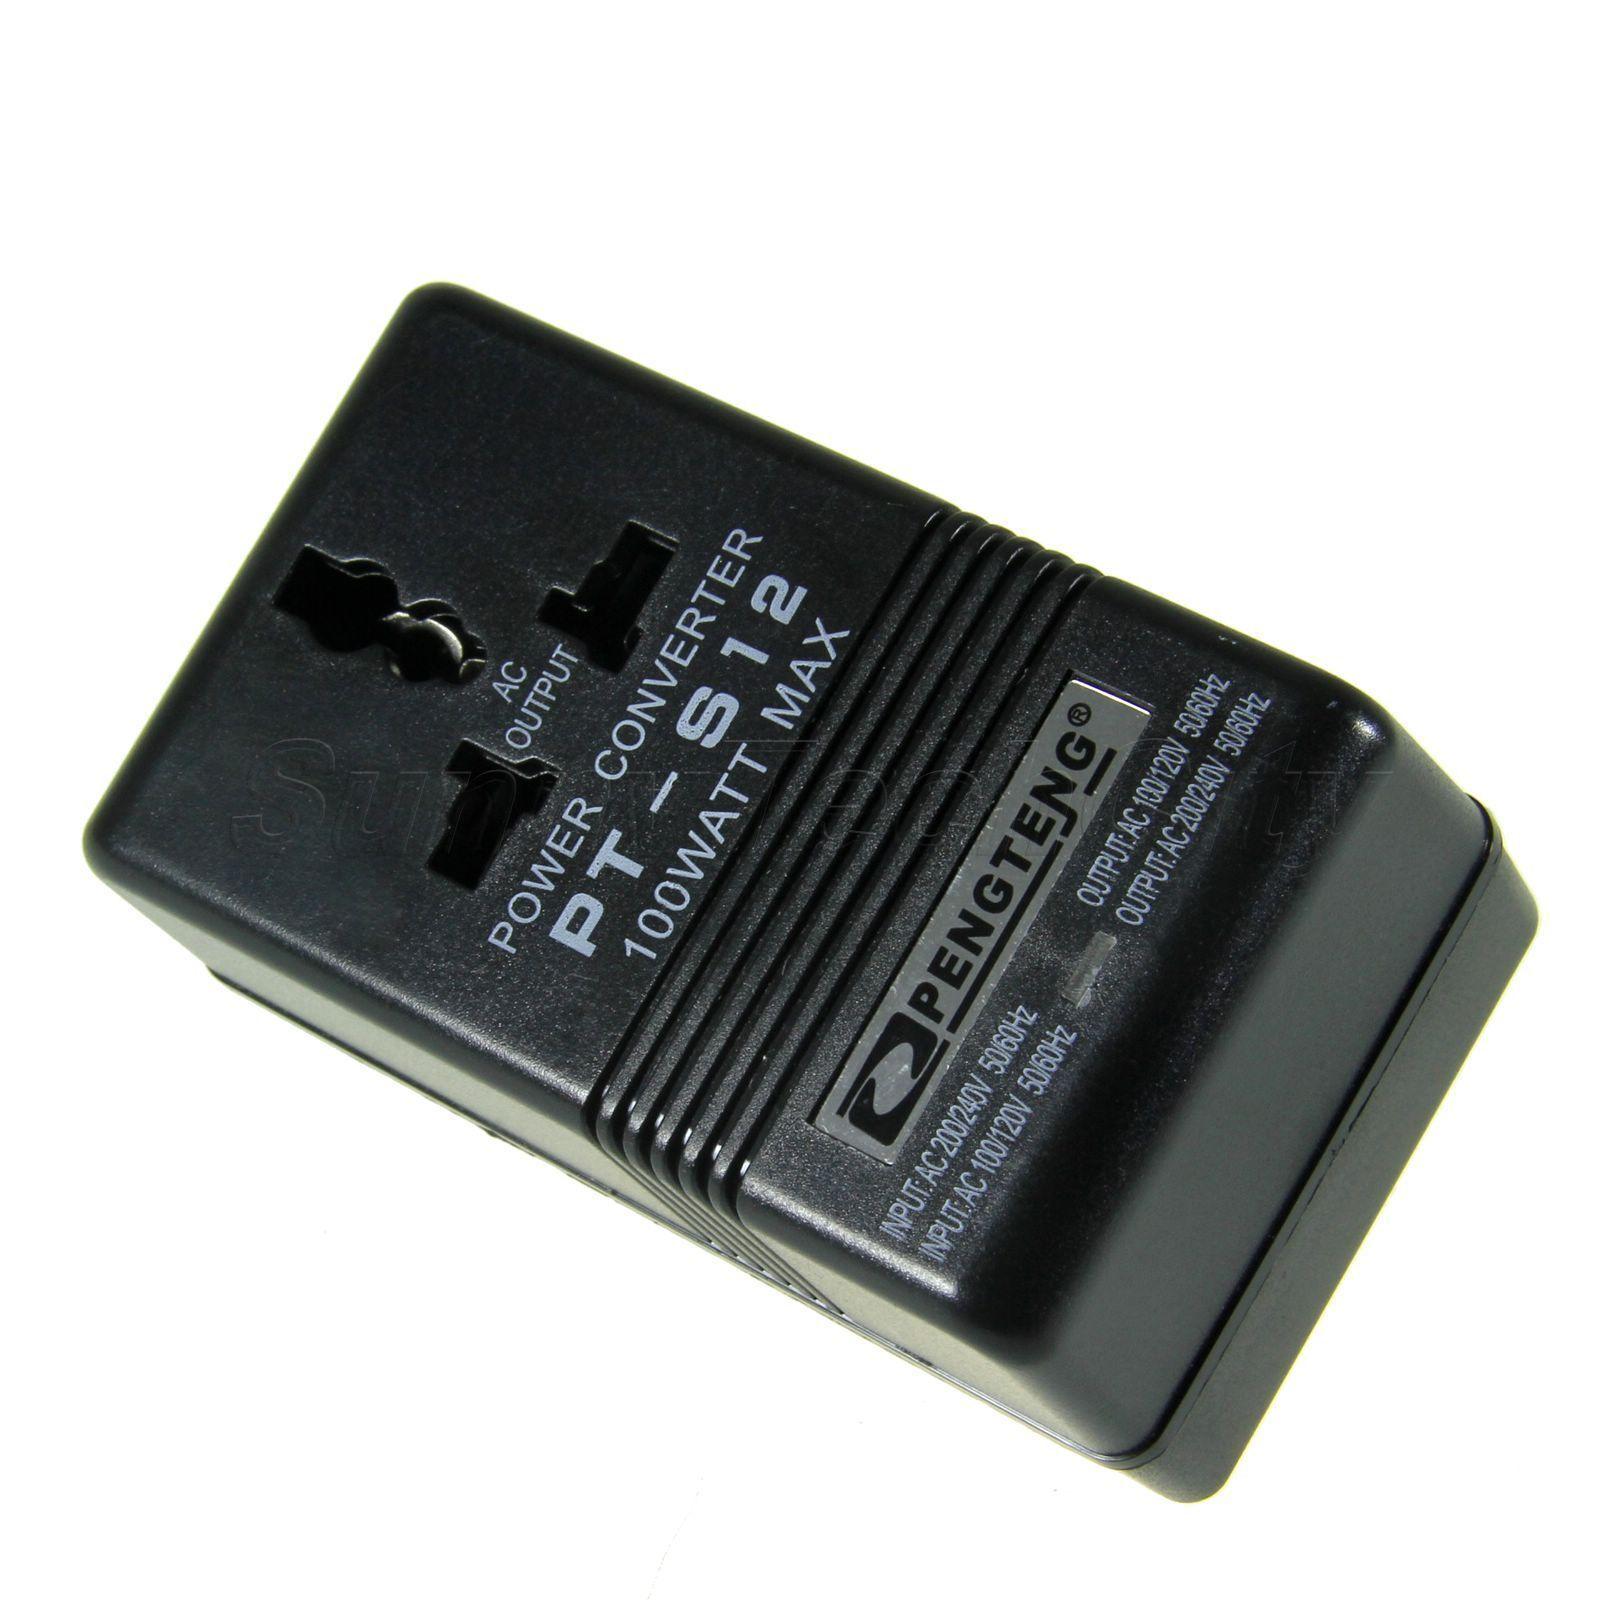 100W AC 110V/120V to 220V/240V Dual Voltage Transformer Power Converter Adapter Electrical Supplies